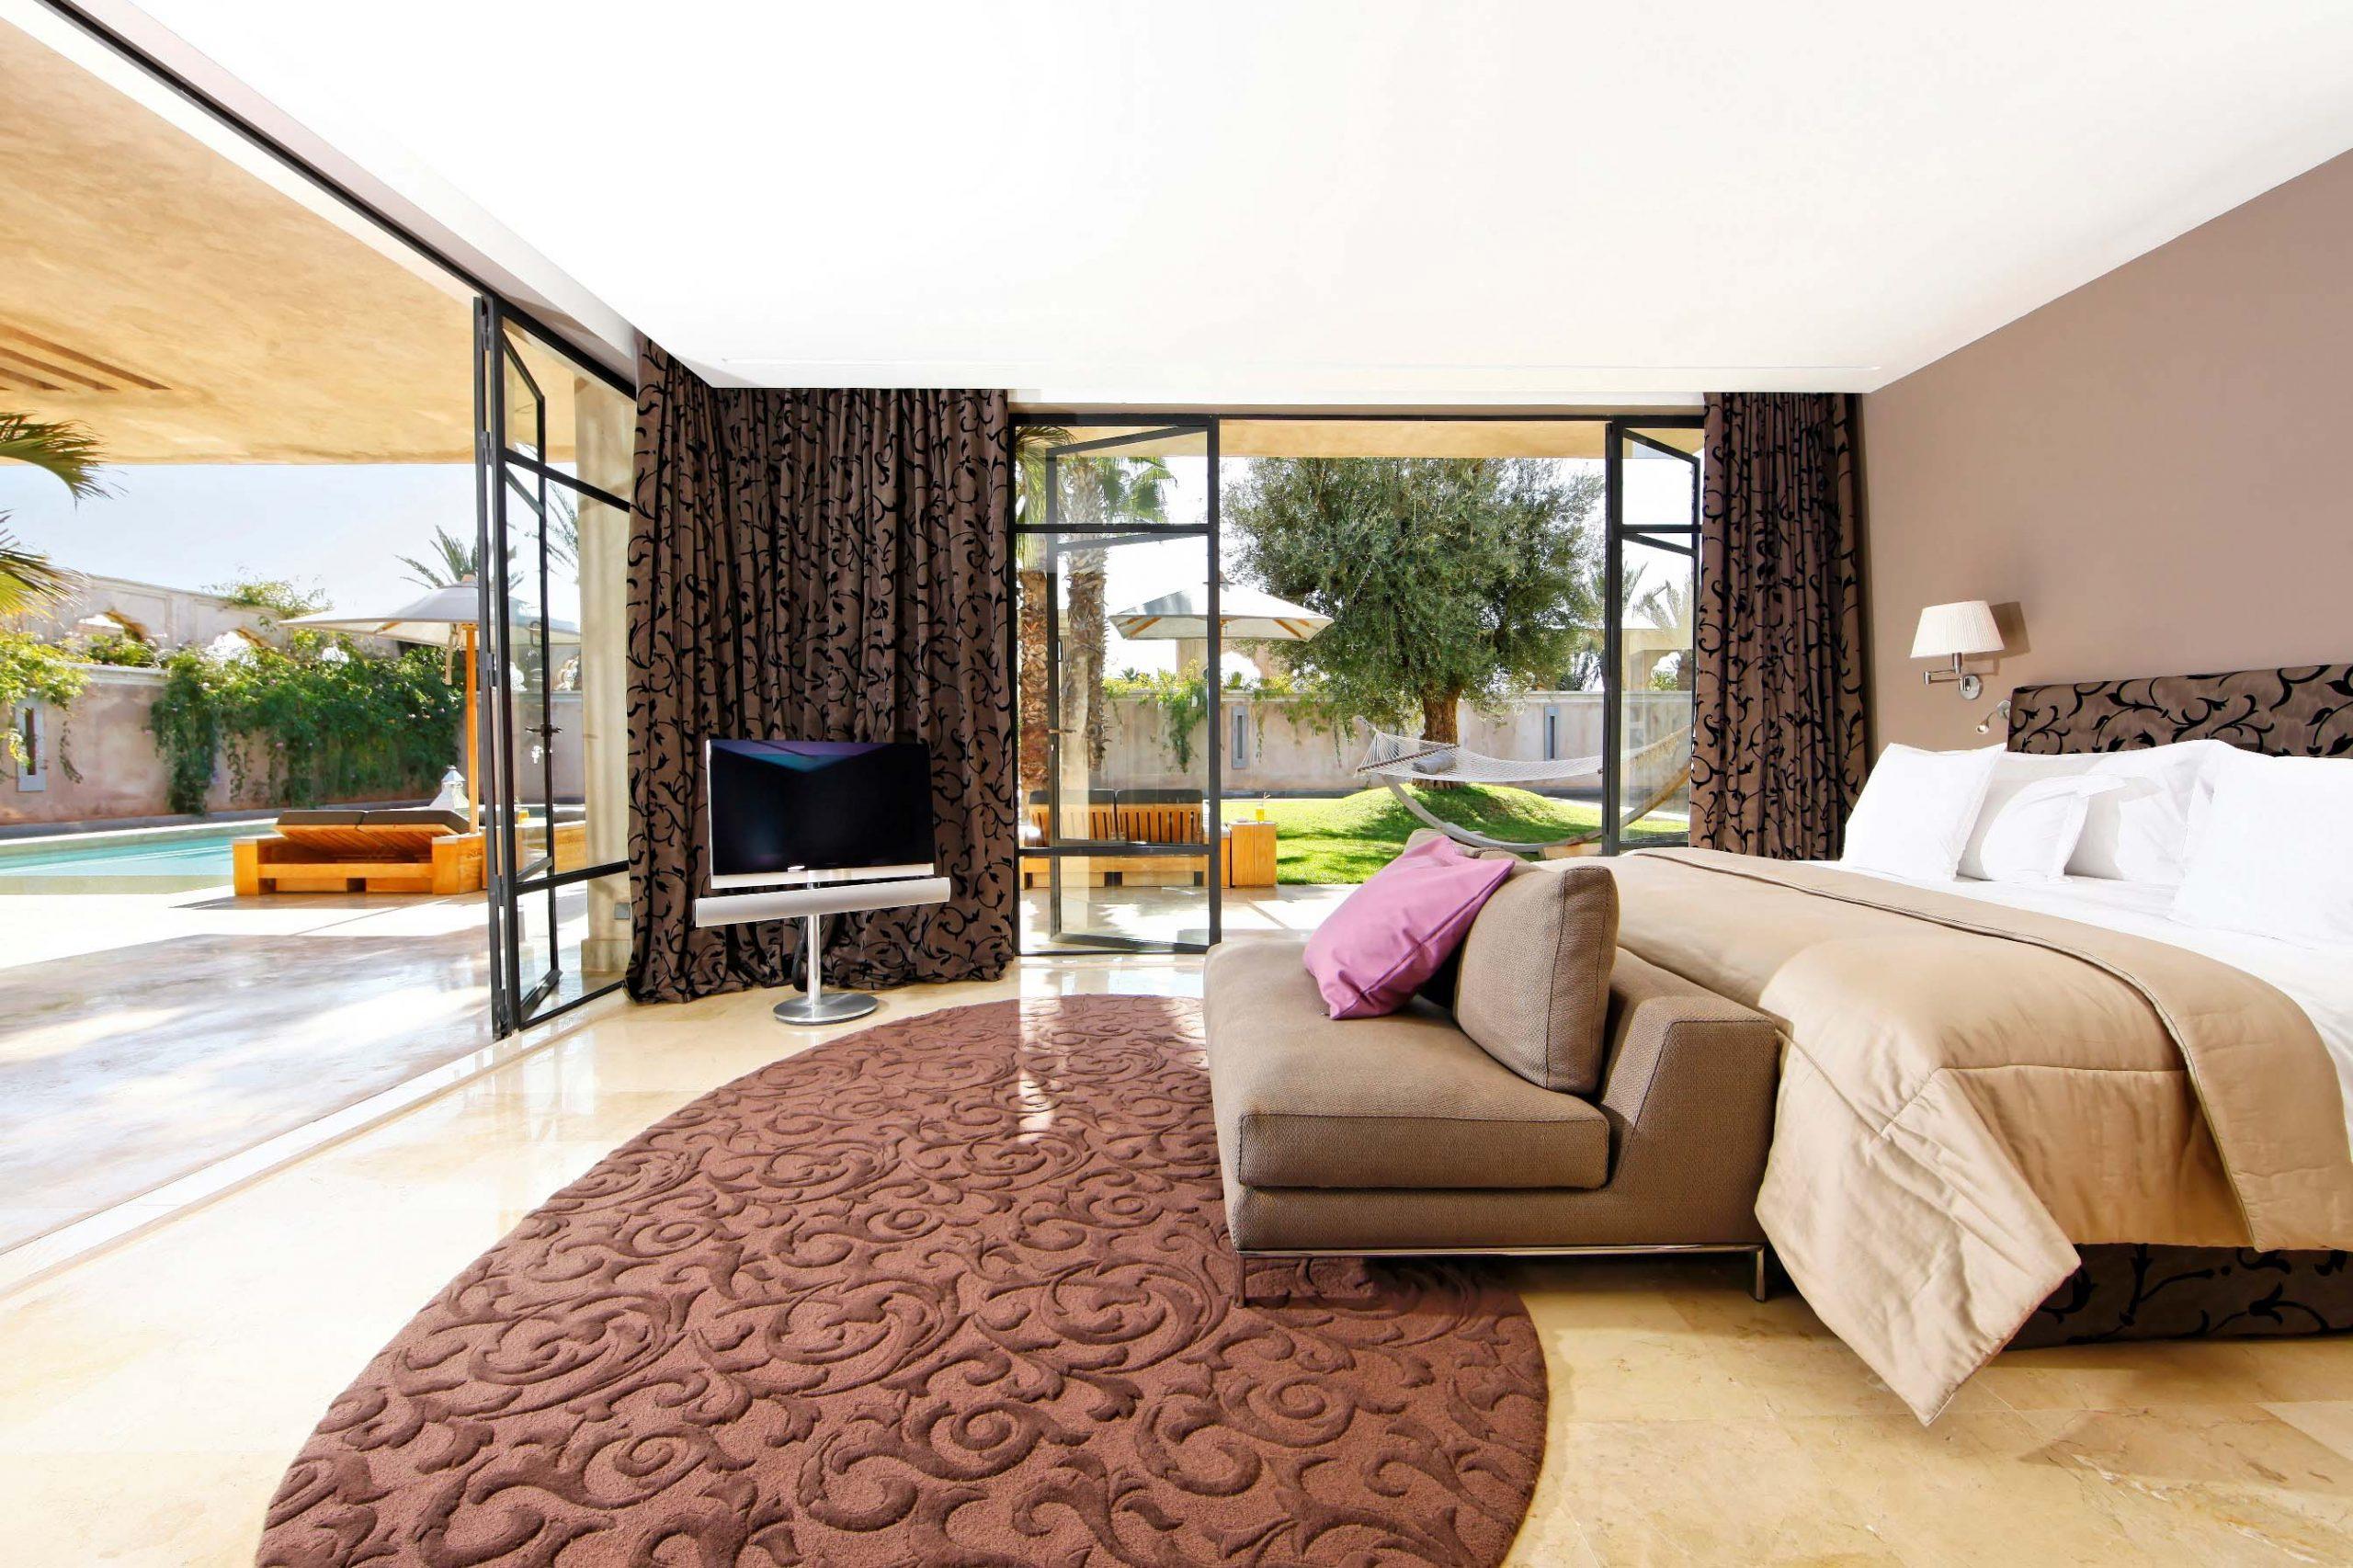 Hotel review: Morocco, Palais Namaskar